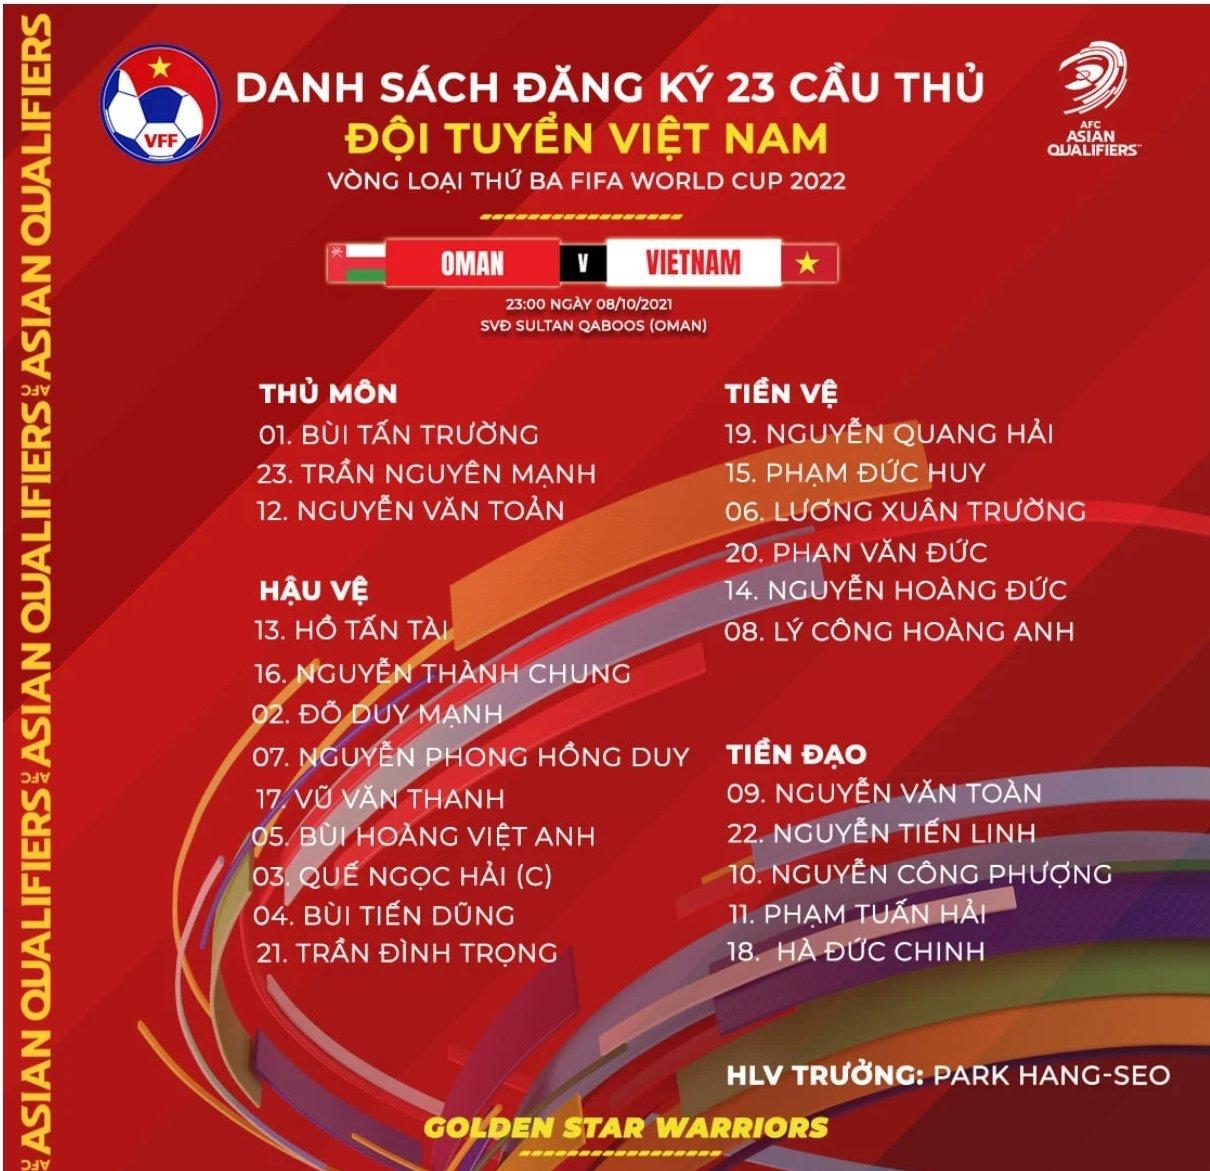 Kết quả Oman vs Việt Nam: 'Đại chiến' với VAR, thầy trò Park Hang Seo thua ngược cay đắng 10